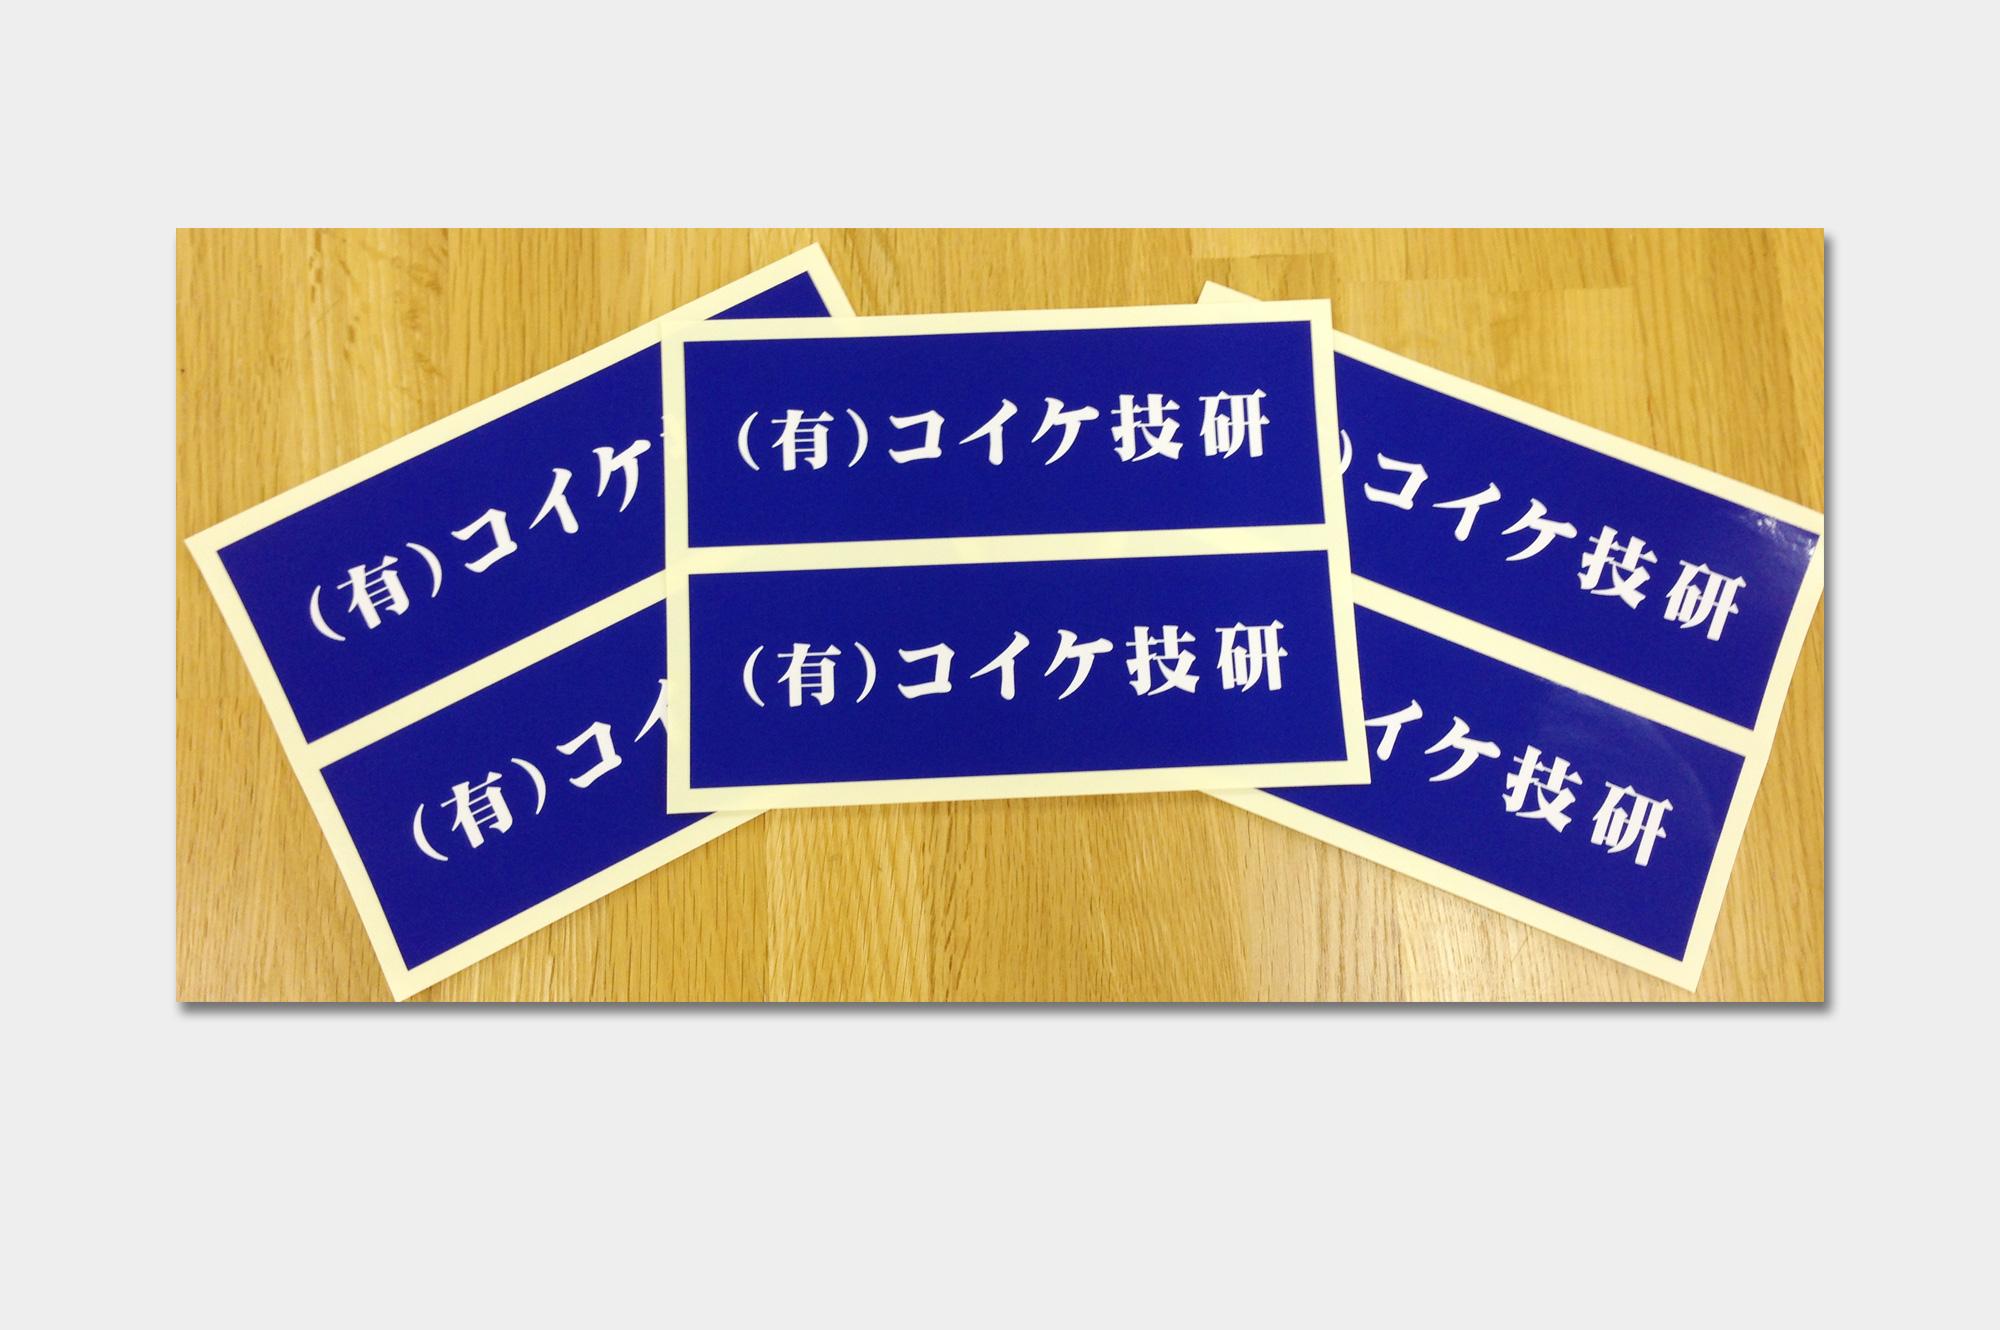 通い箱シール(コイケ技研様)